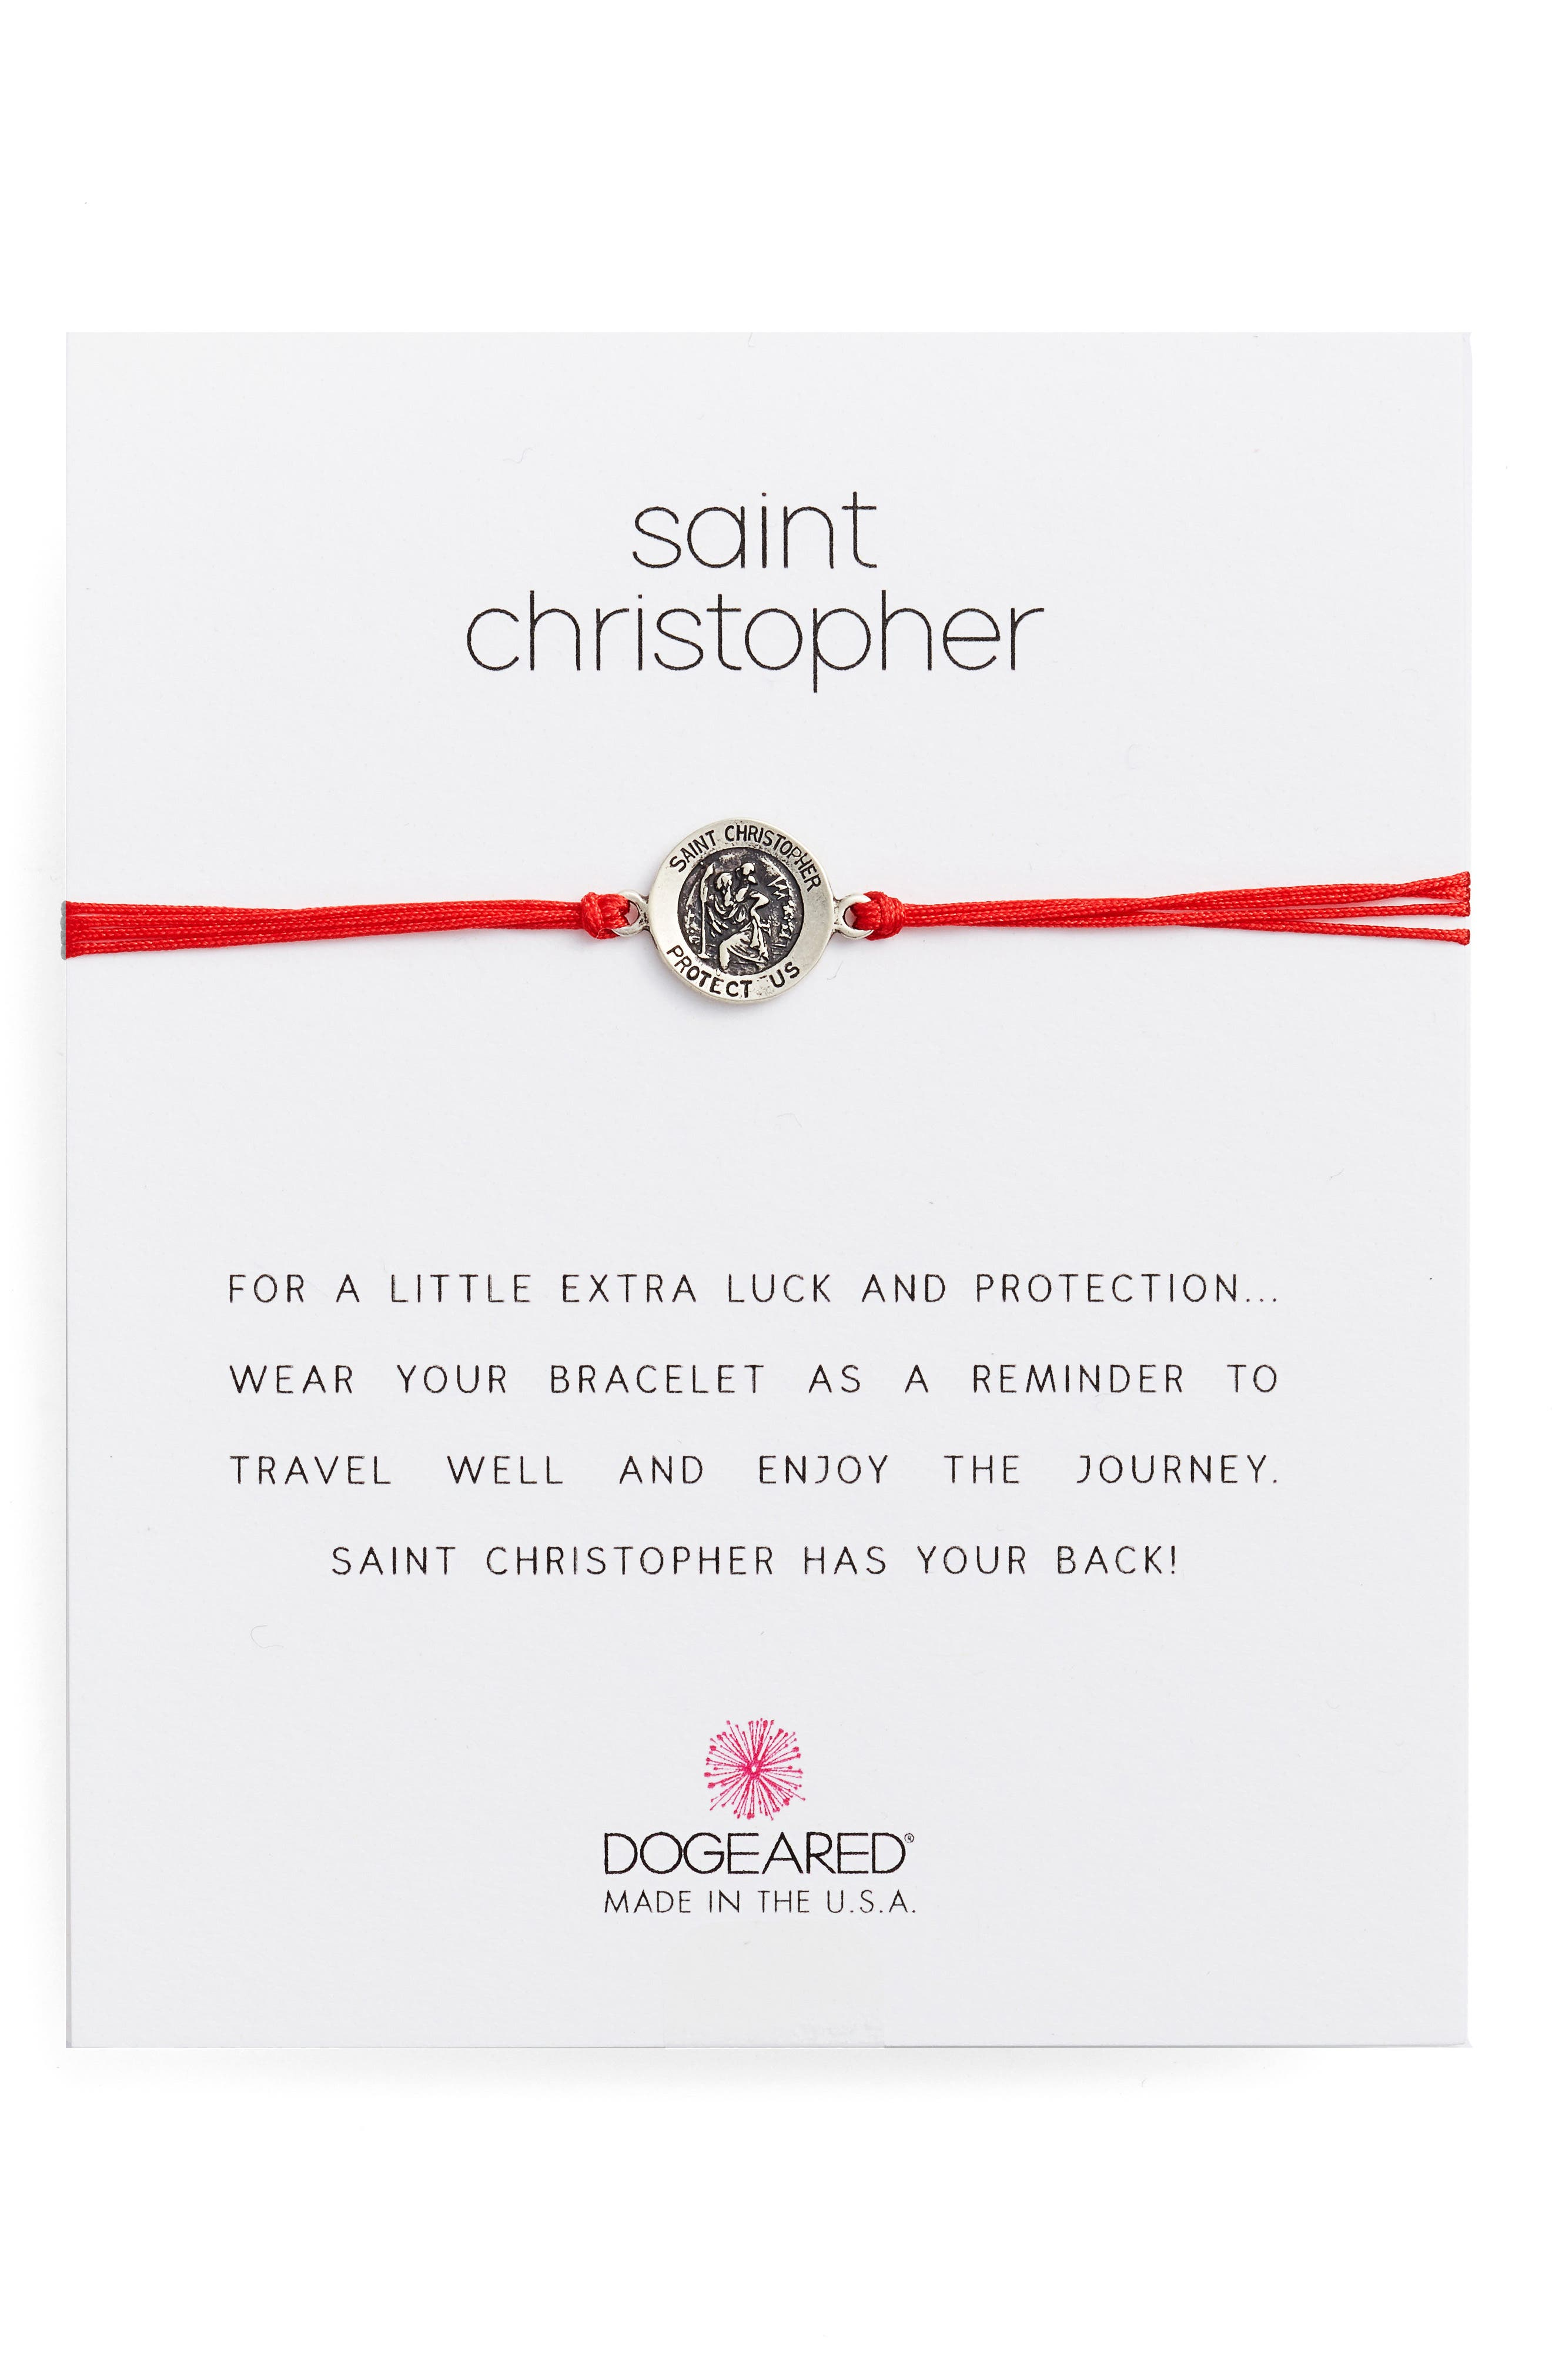 Alternate Image 1 Selected - Dogeared Saint Christopher Pull Bracelet